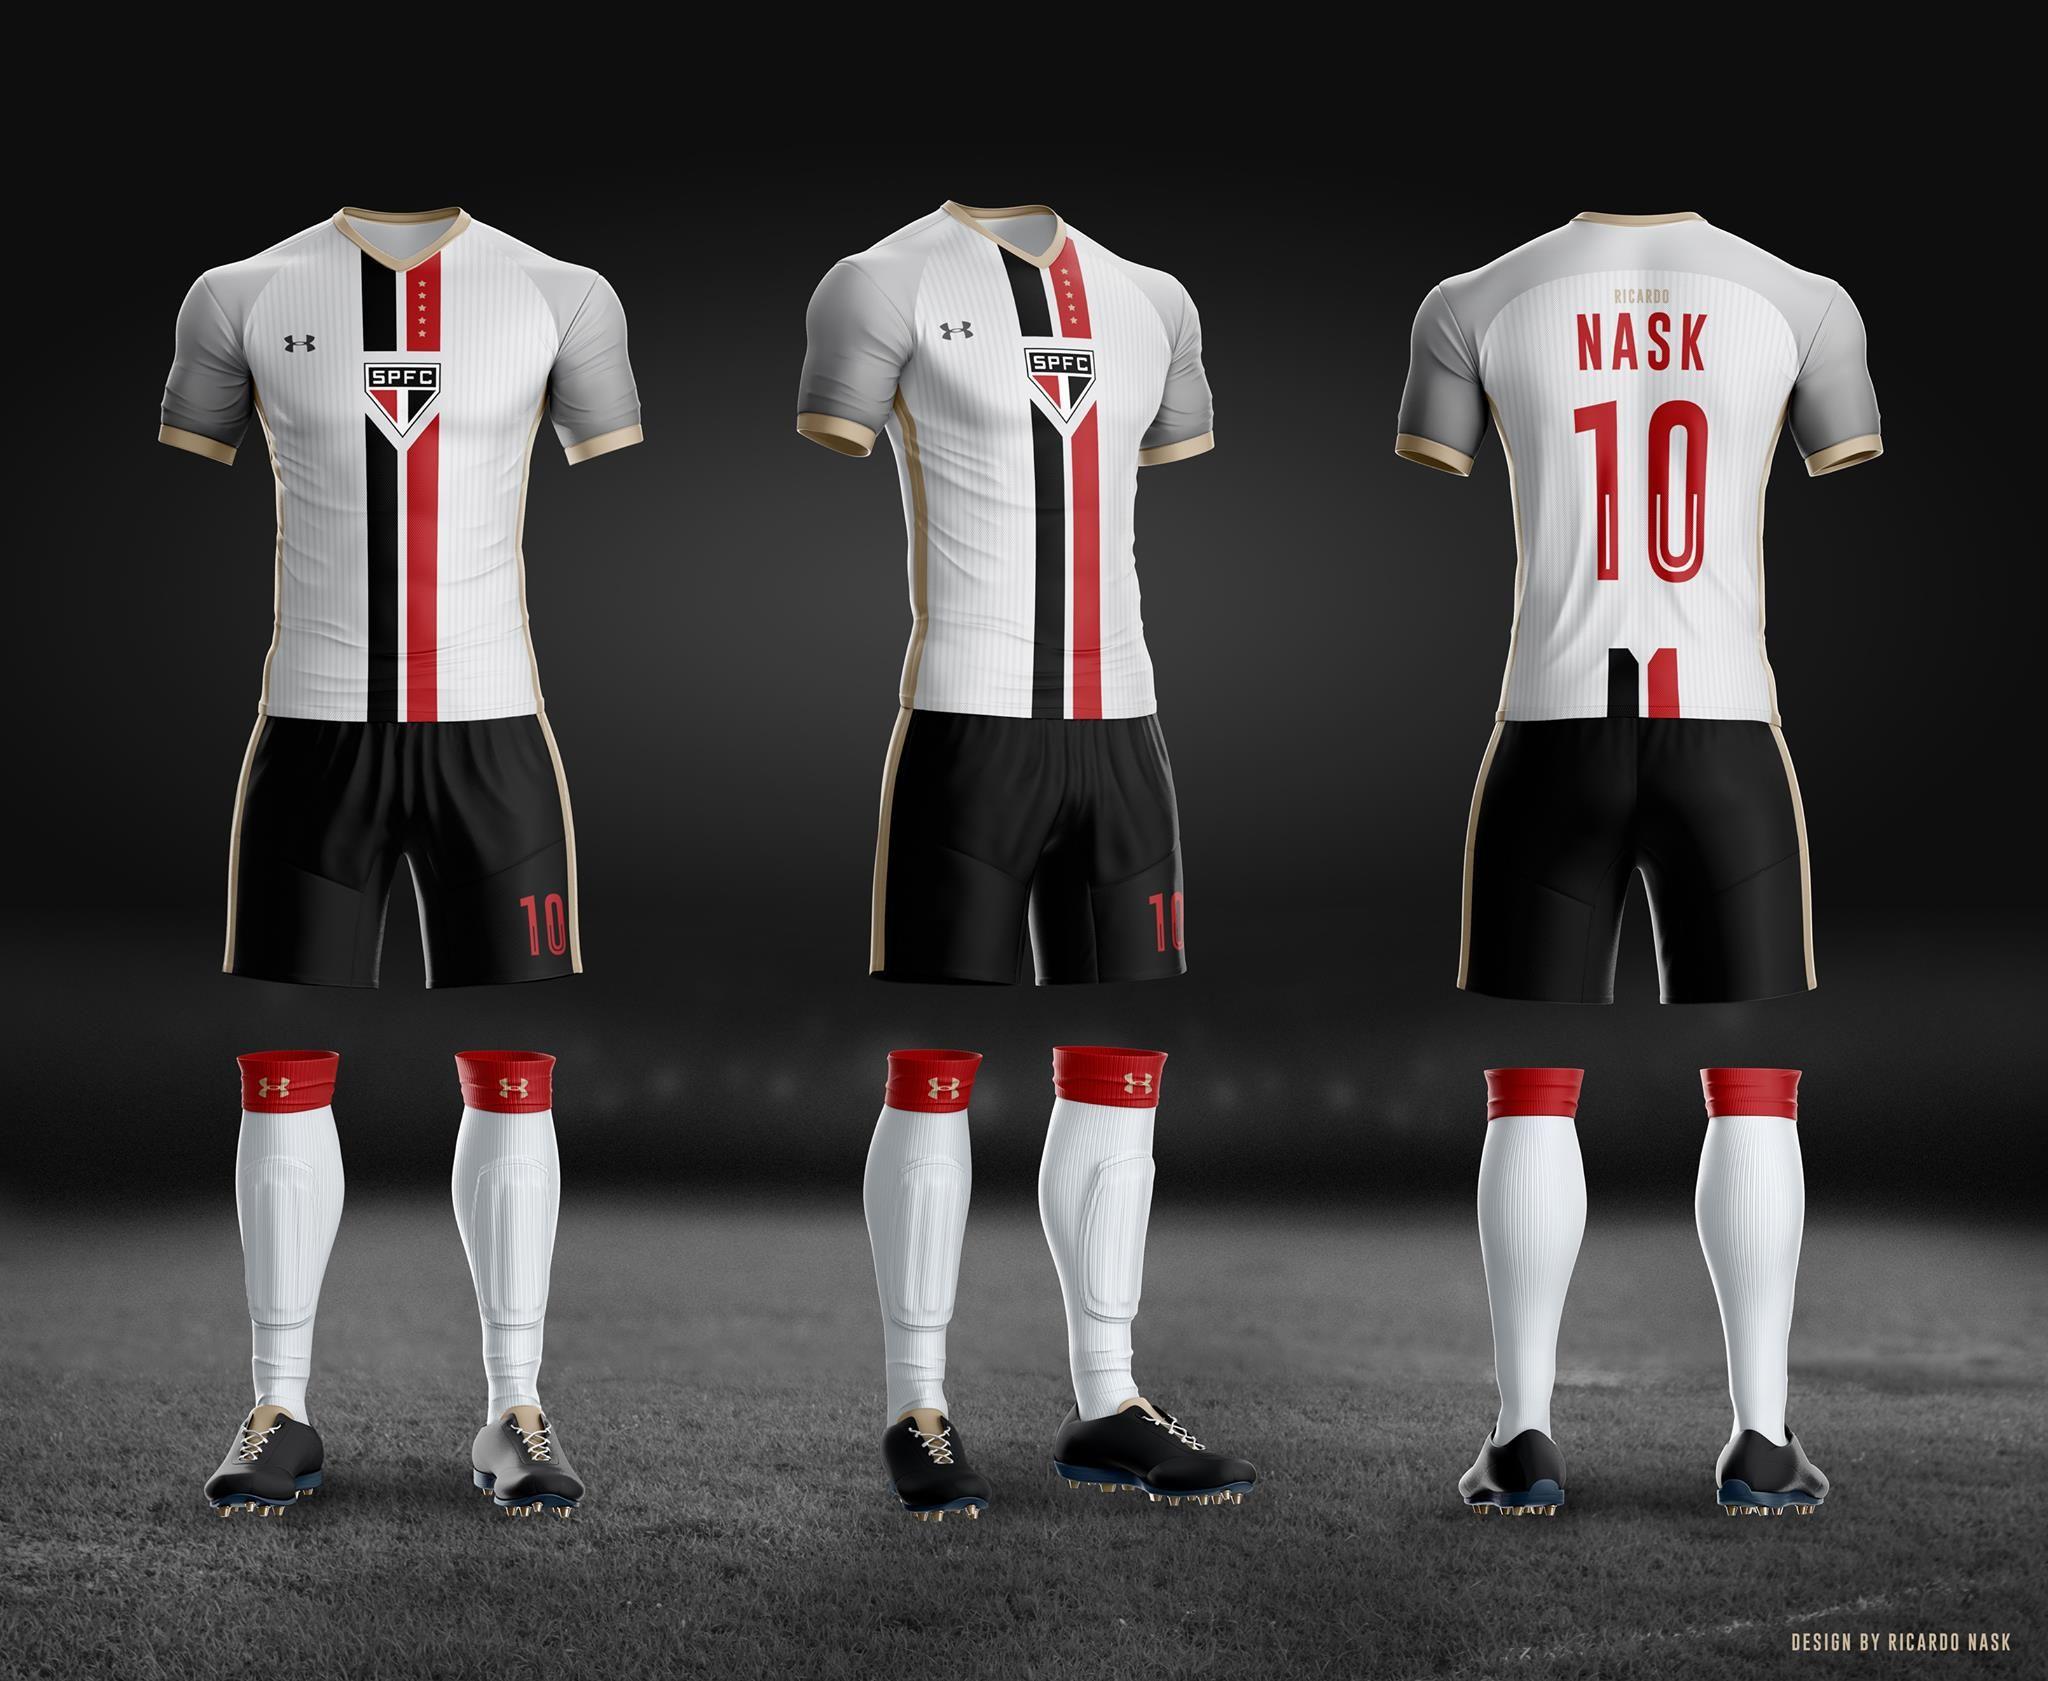 1f3dc84f7e Com certeza o São Paulo FC é uma das equipes que mais recebemos trabalhos  aqui no Leitor MDF. Desta vez o designer Ricardo Nask manda seu projeto com  ...